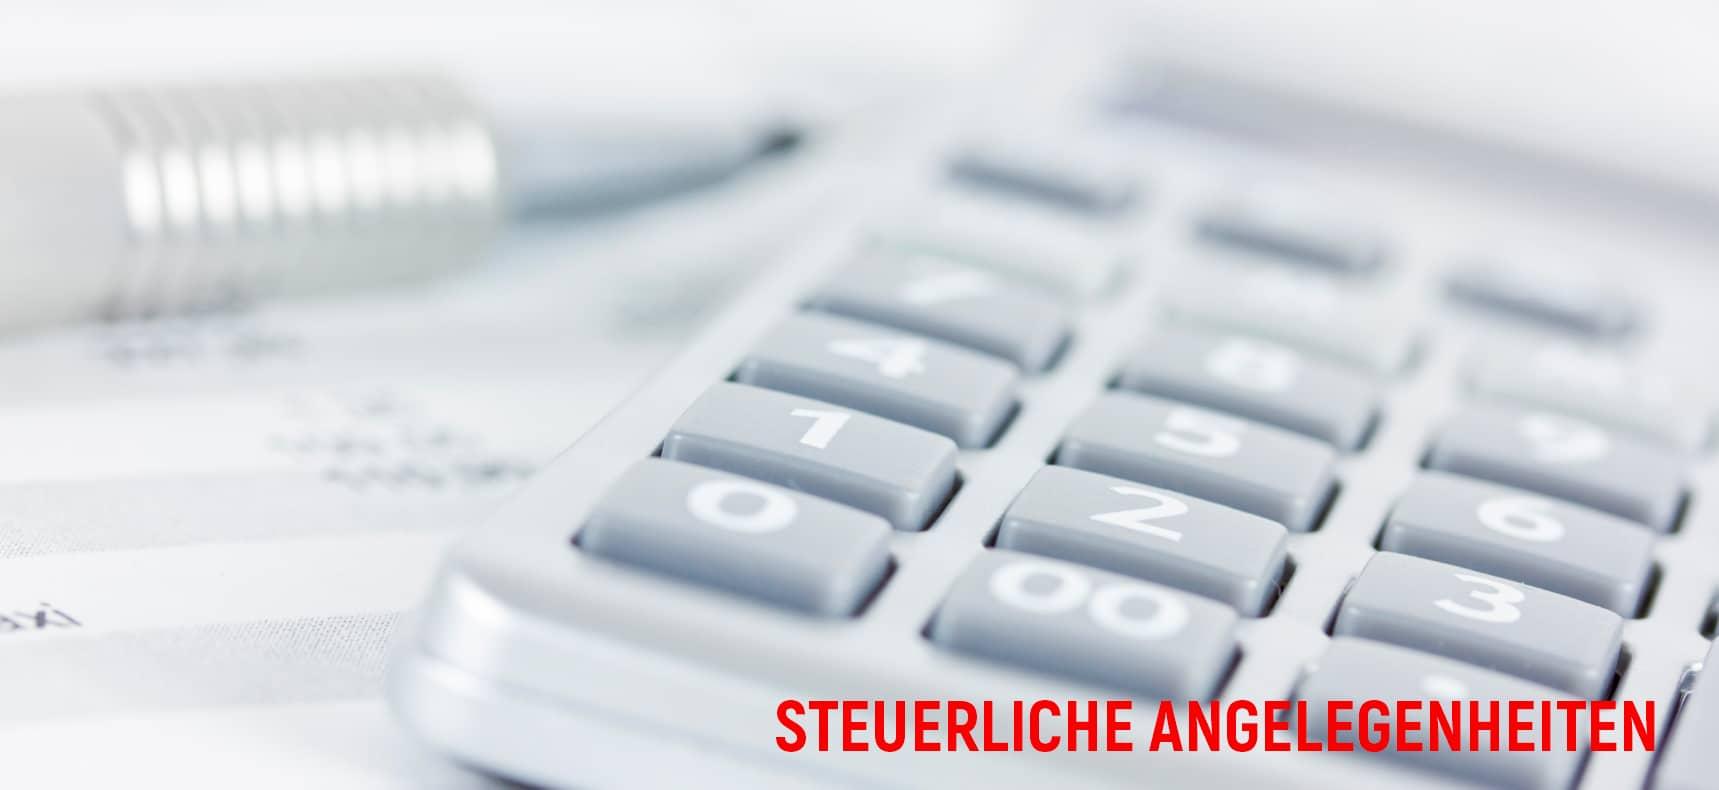 STEUERLICHE ANGELEGENHEITEN APRZ